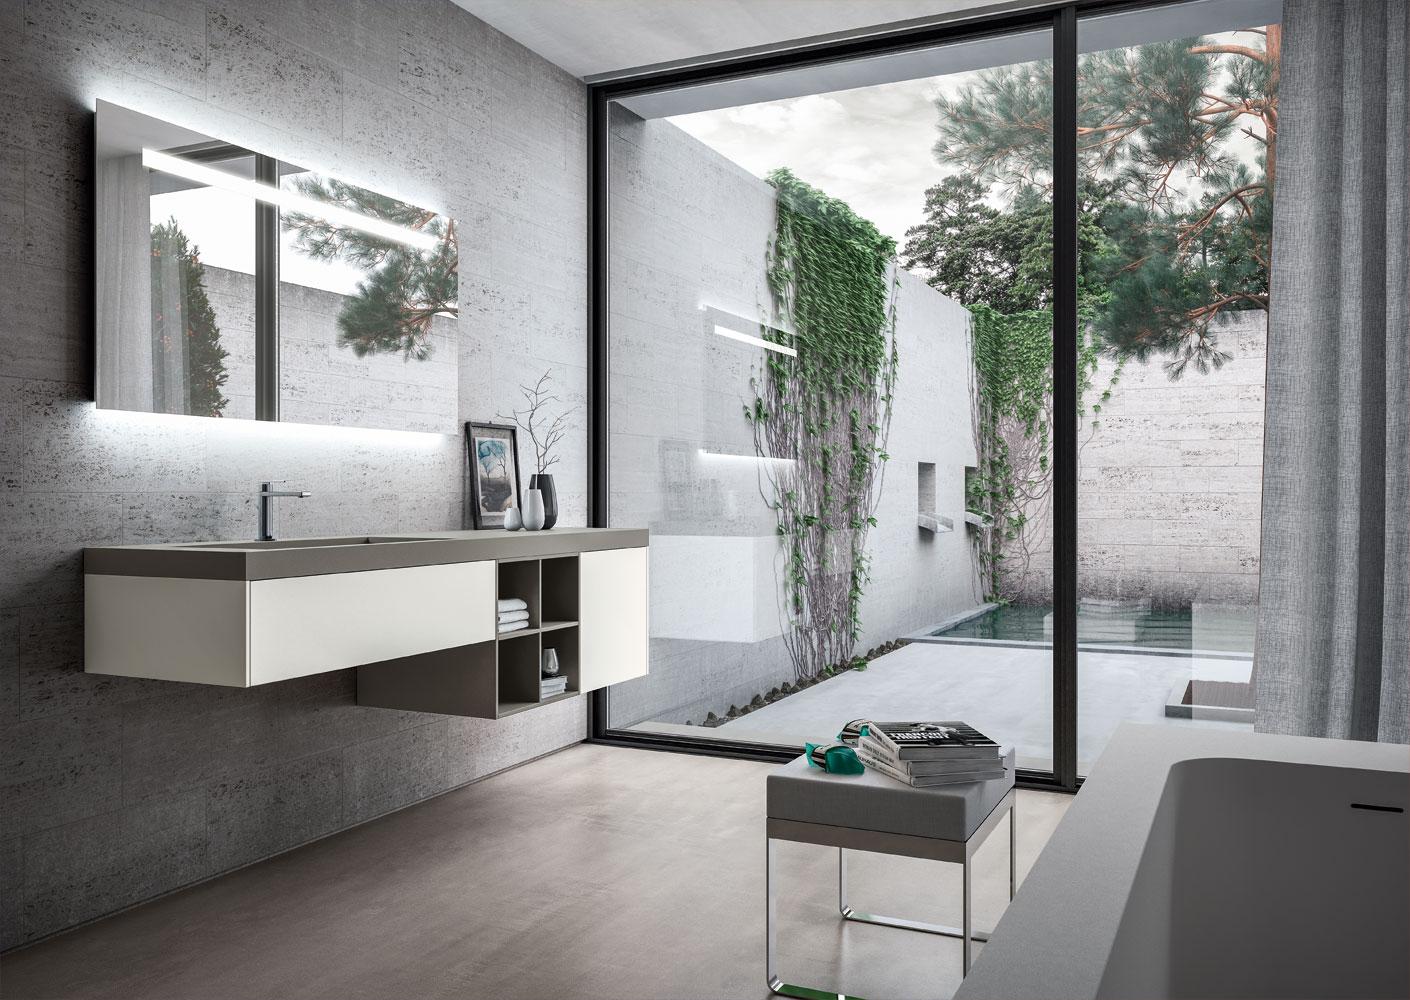 Mobili bagno sense arredo bagno di design ideagroup - Arredo bagno design ...